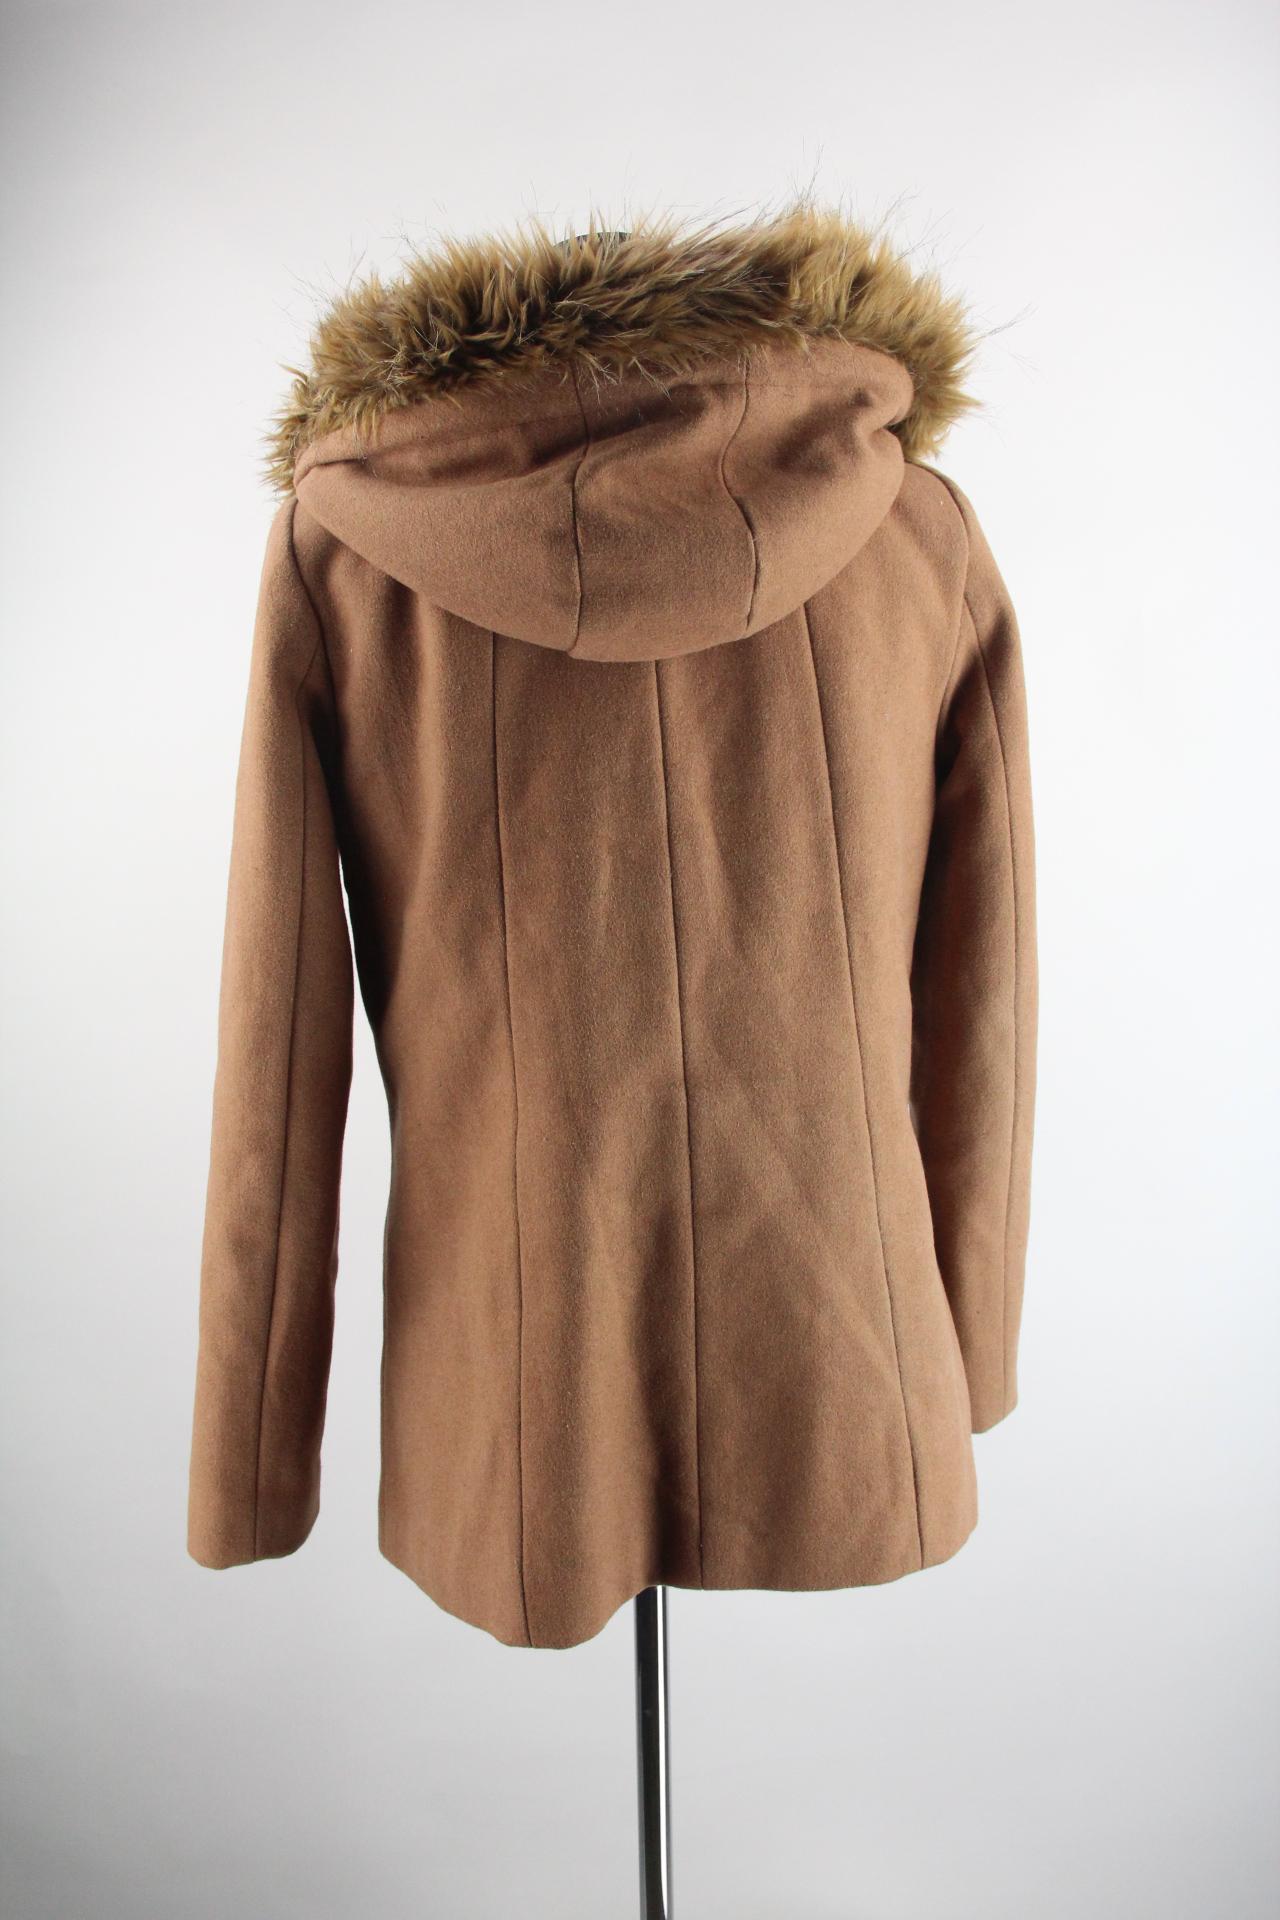 69c57abe9dc73f Orsay braune Winterjacke für Damen Gr.38 Top Zustand | eBay